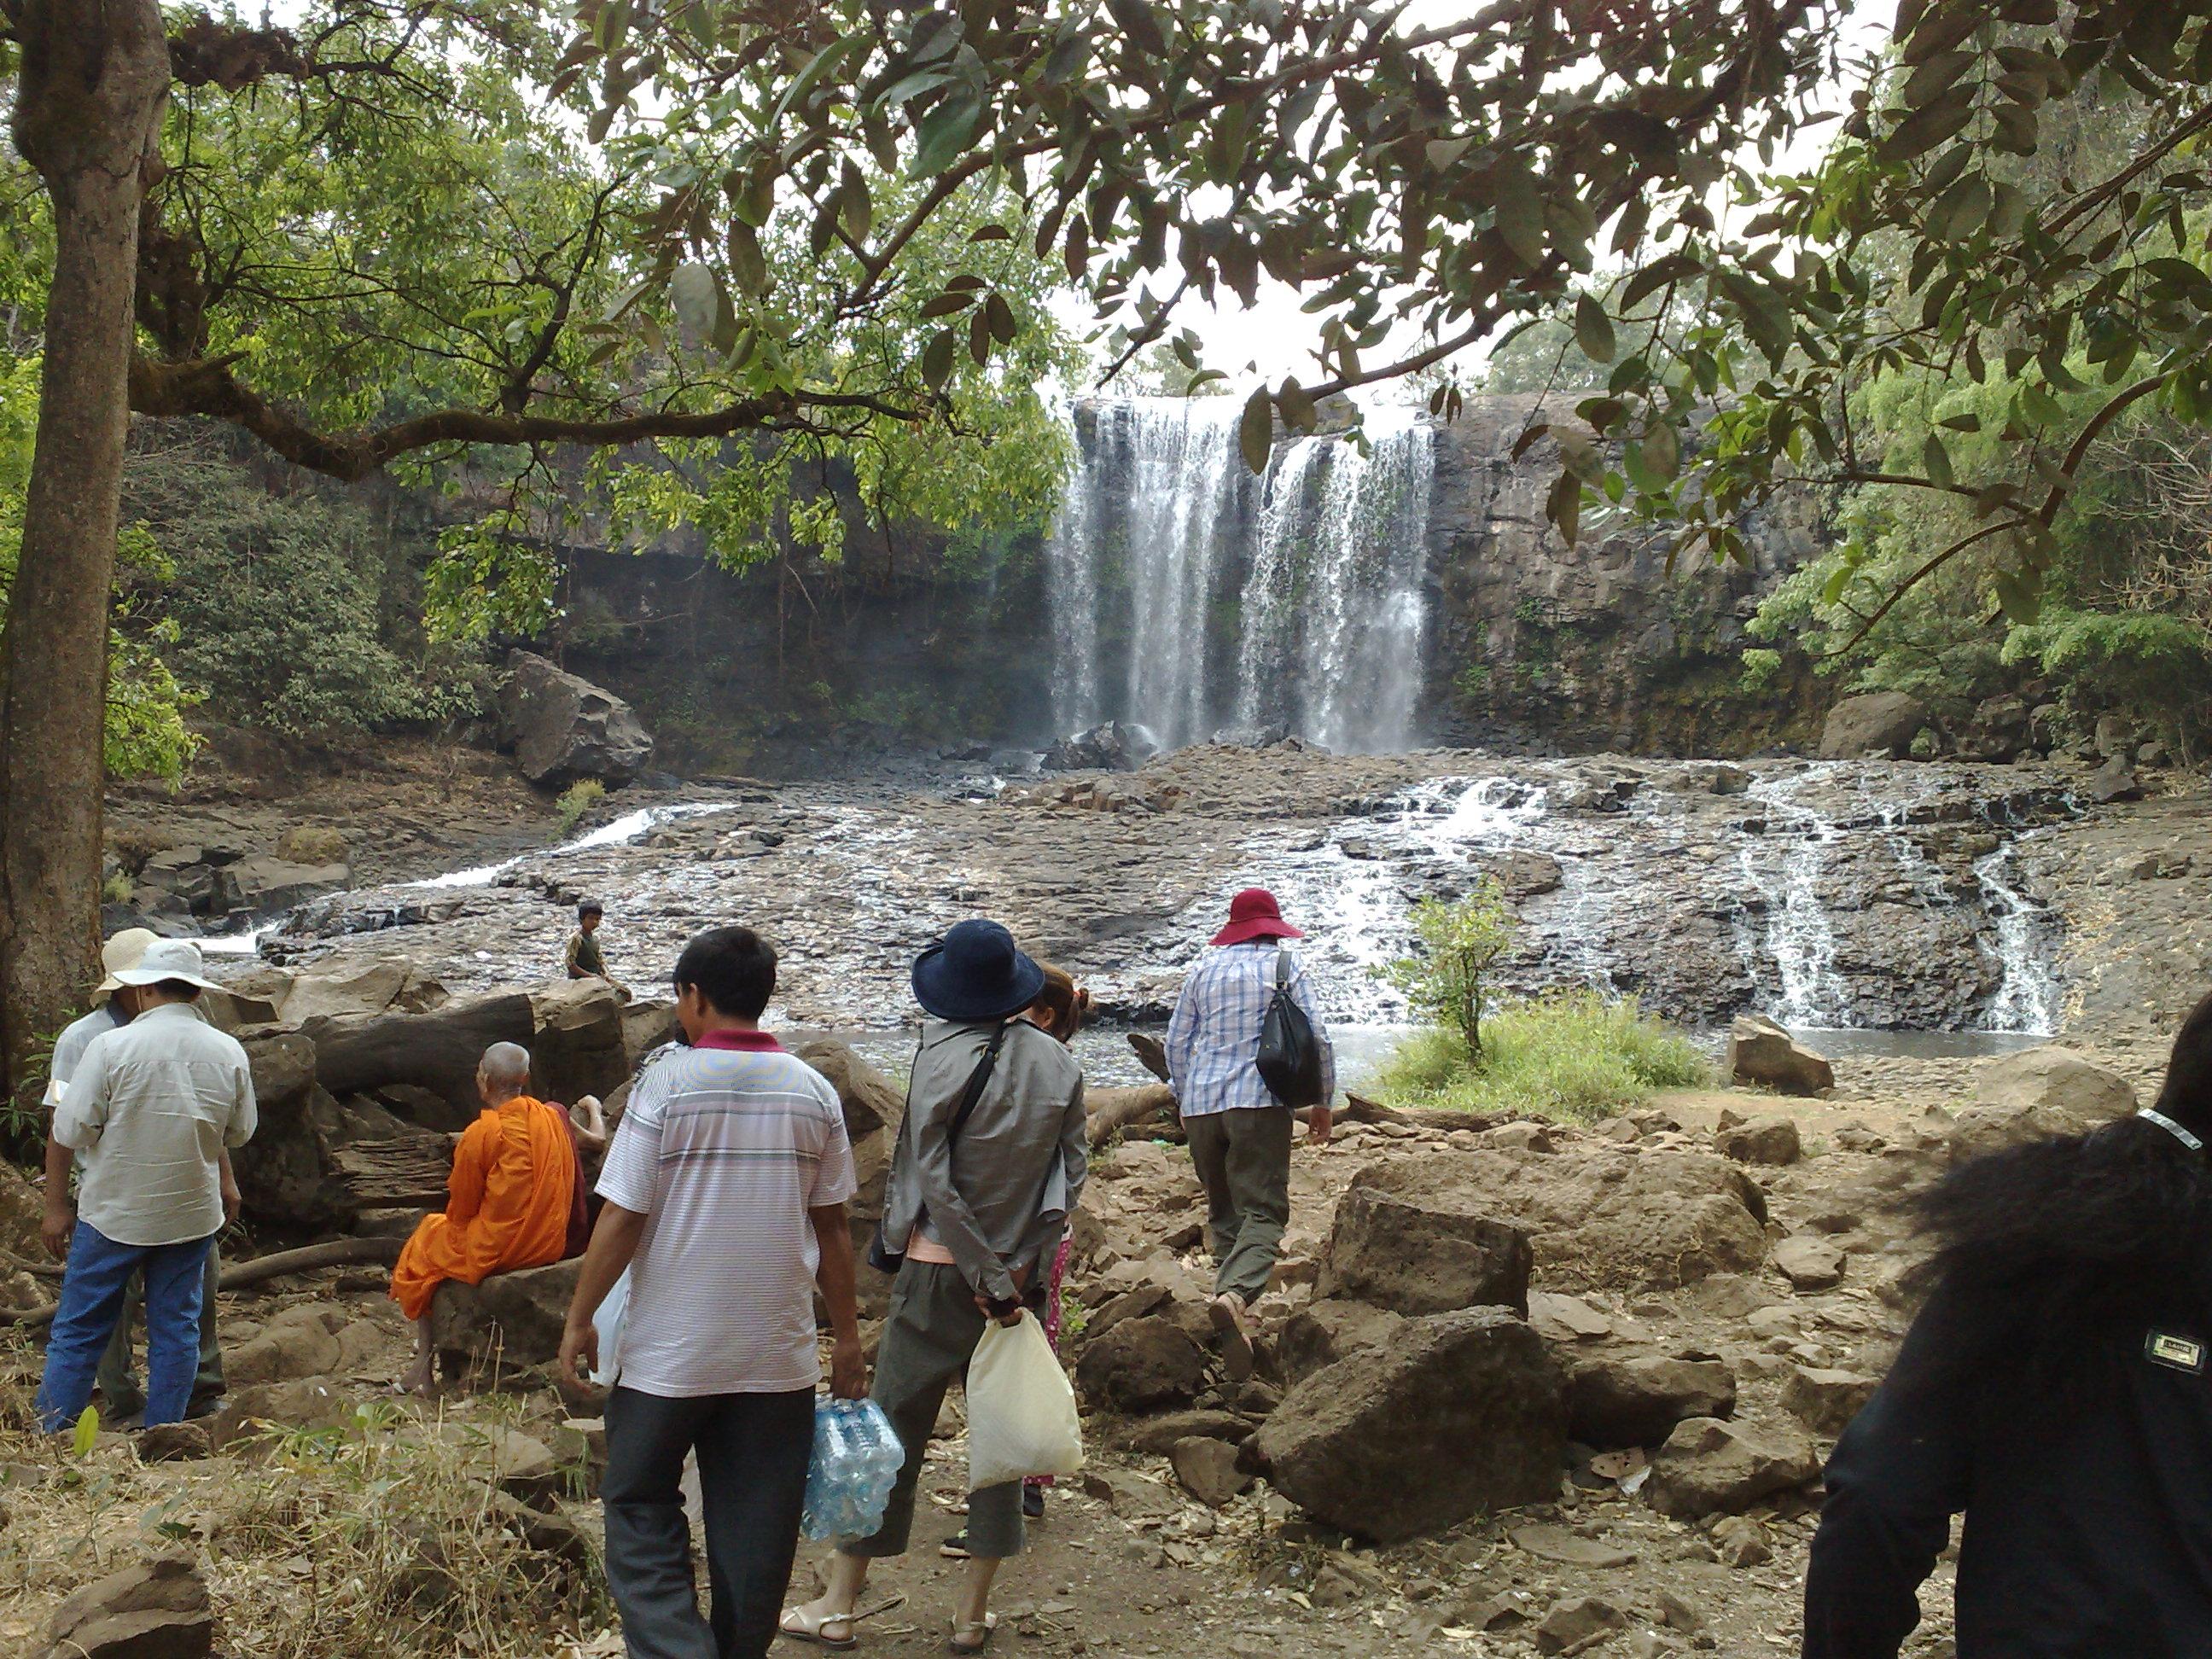 http://upload.wikimedia.org/wikipedia/commons/7/7d/Tourists_at_Bou_Sra_Waterfall,_Mondulkiri,_Cambodia.jpg